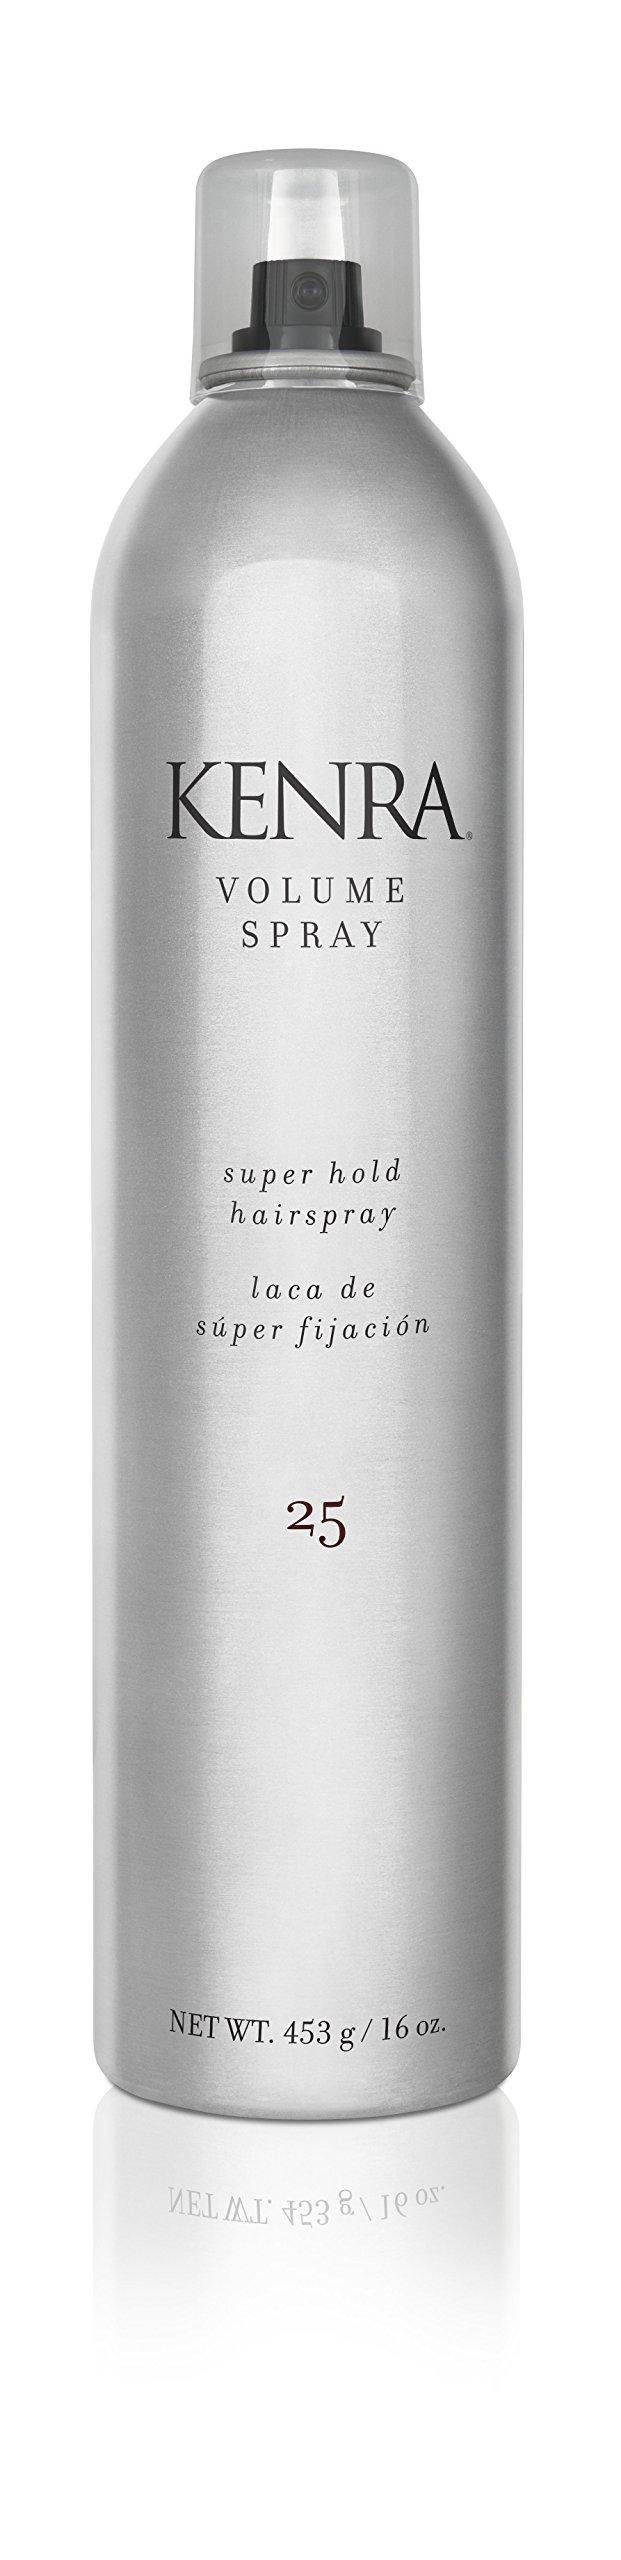 Kenra Volume Spray Hair Spray #25, 80% VOC, 16-Ounce by Kenra